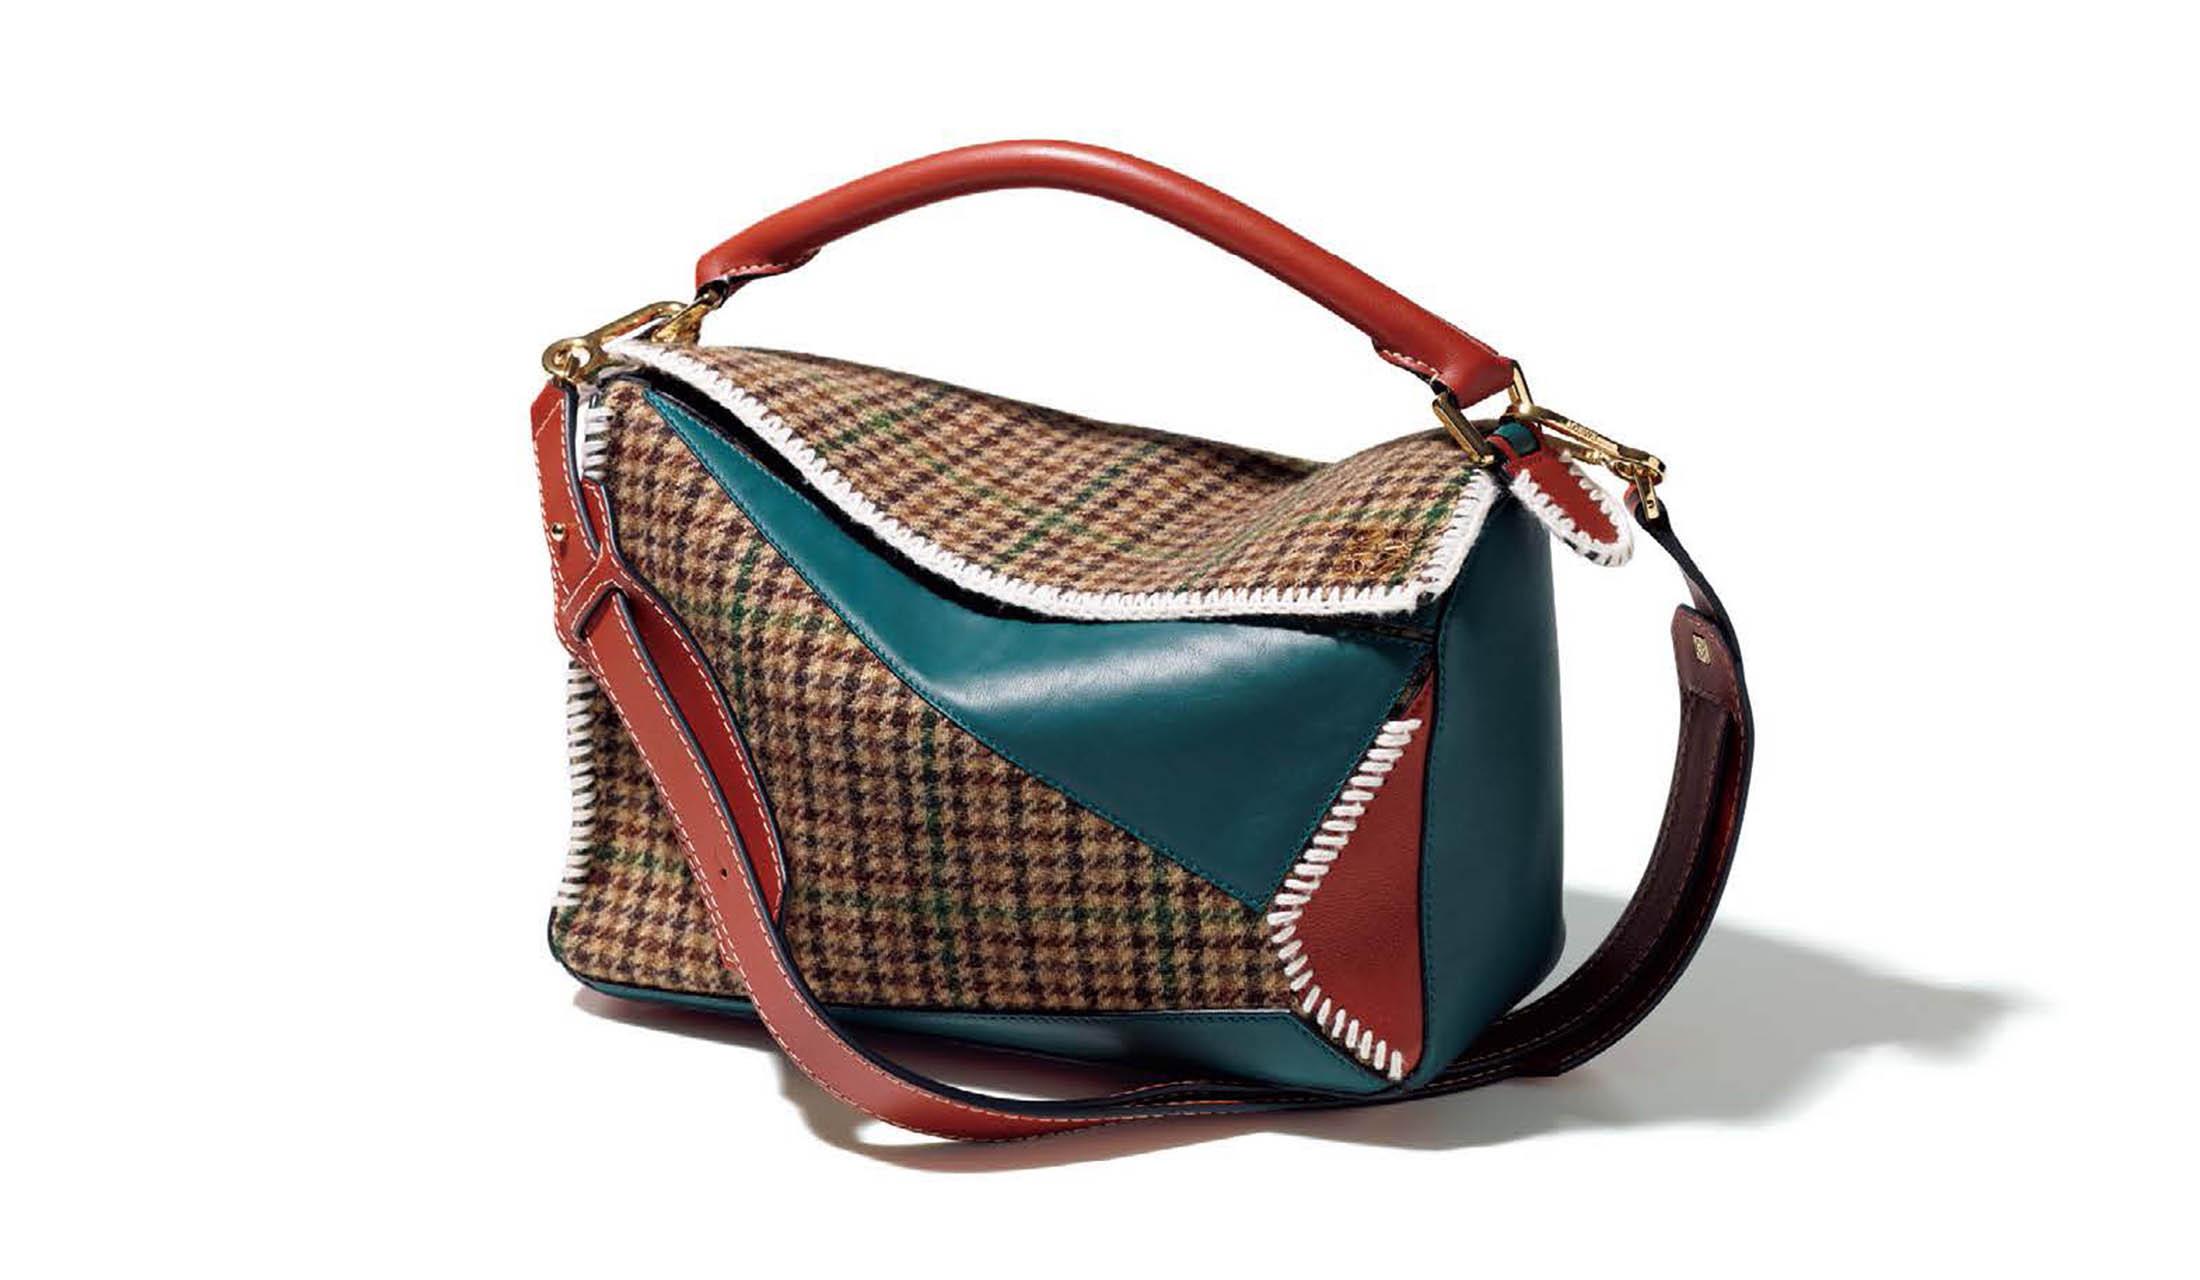 ロエベのバッグ「パズル」